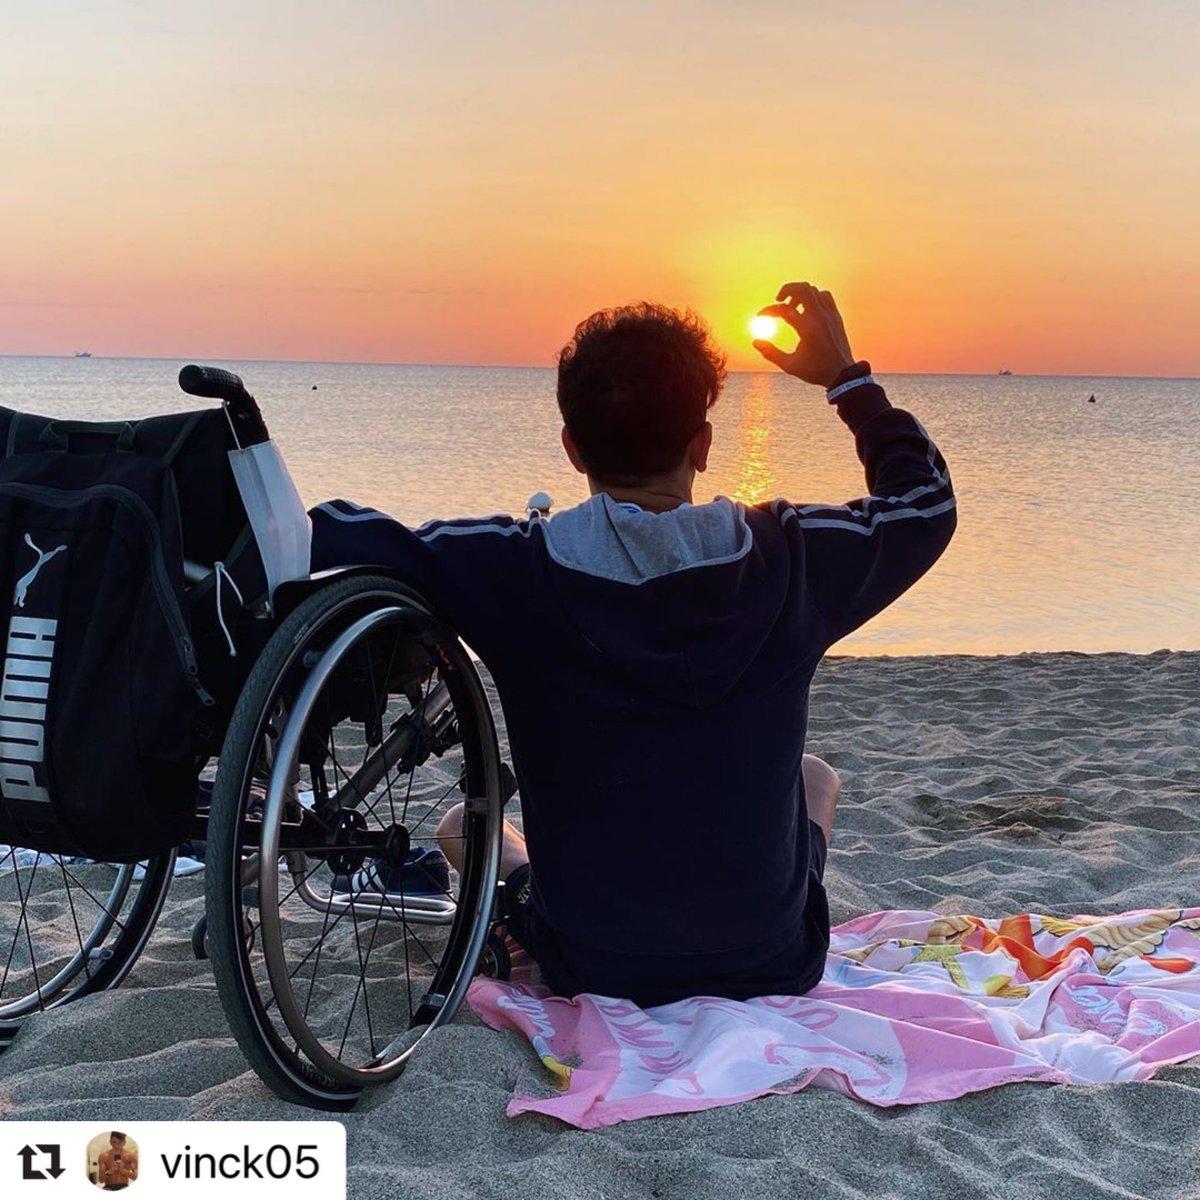 """#Repost @vinck05 with @make_ . Reúna suas forças e levante-se, valorize cada pedacinho de areia que você deixou e use-o para """"ir"""". Não pare na metade. . #wheelchair #wheelchairlife #wheelchairlifestyle #disability #Bomdia https://t.co/Gq2NcsuvBN"""